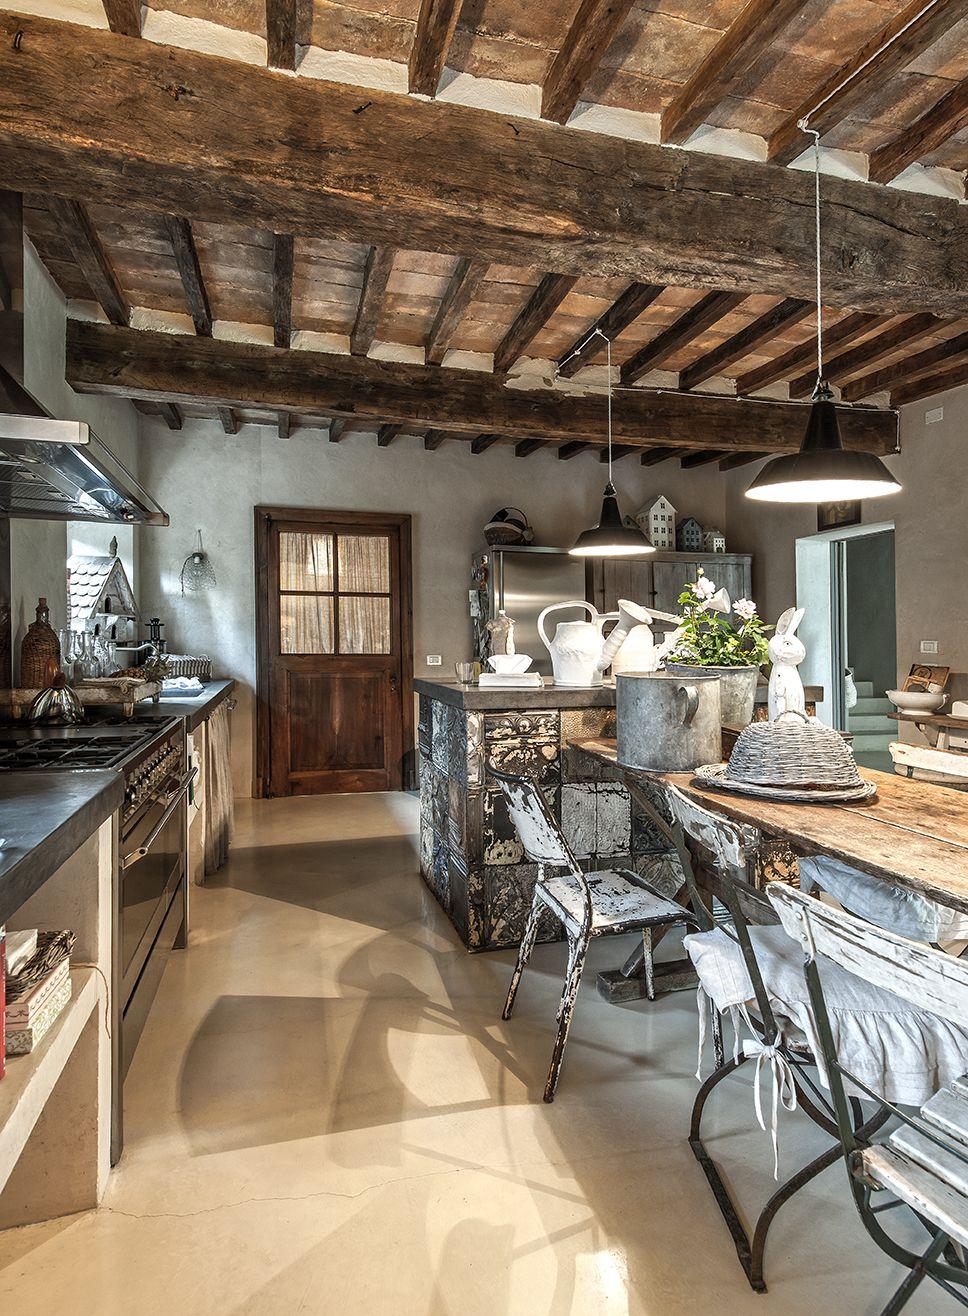 Une maison italienne familiale aux volumes hors normes et à la décoration chaleureuse - PLANETE DECO a homes world #amenagementmaison